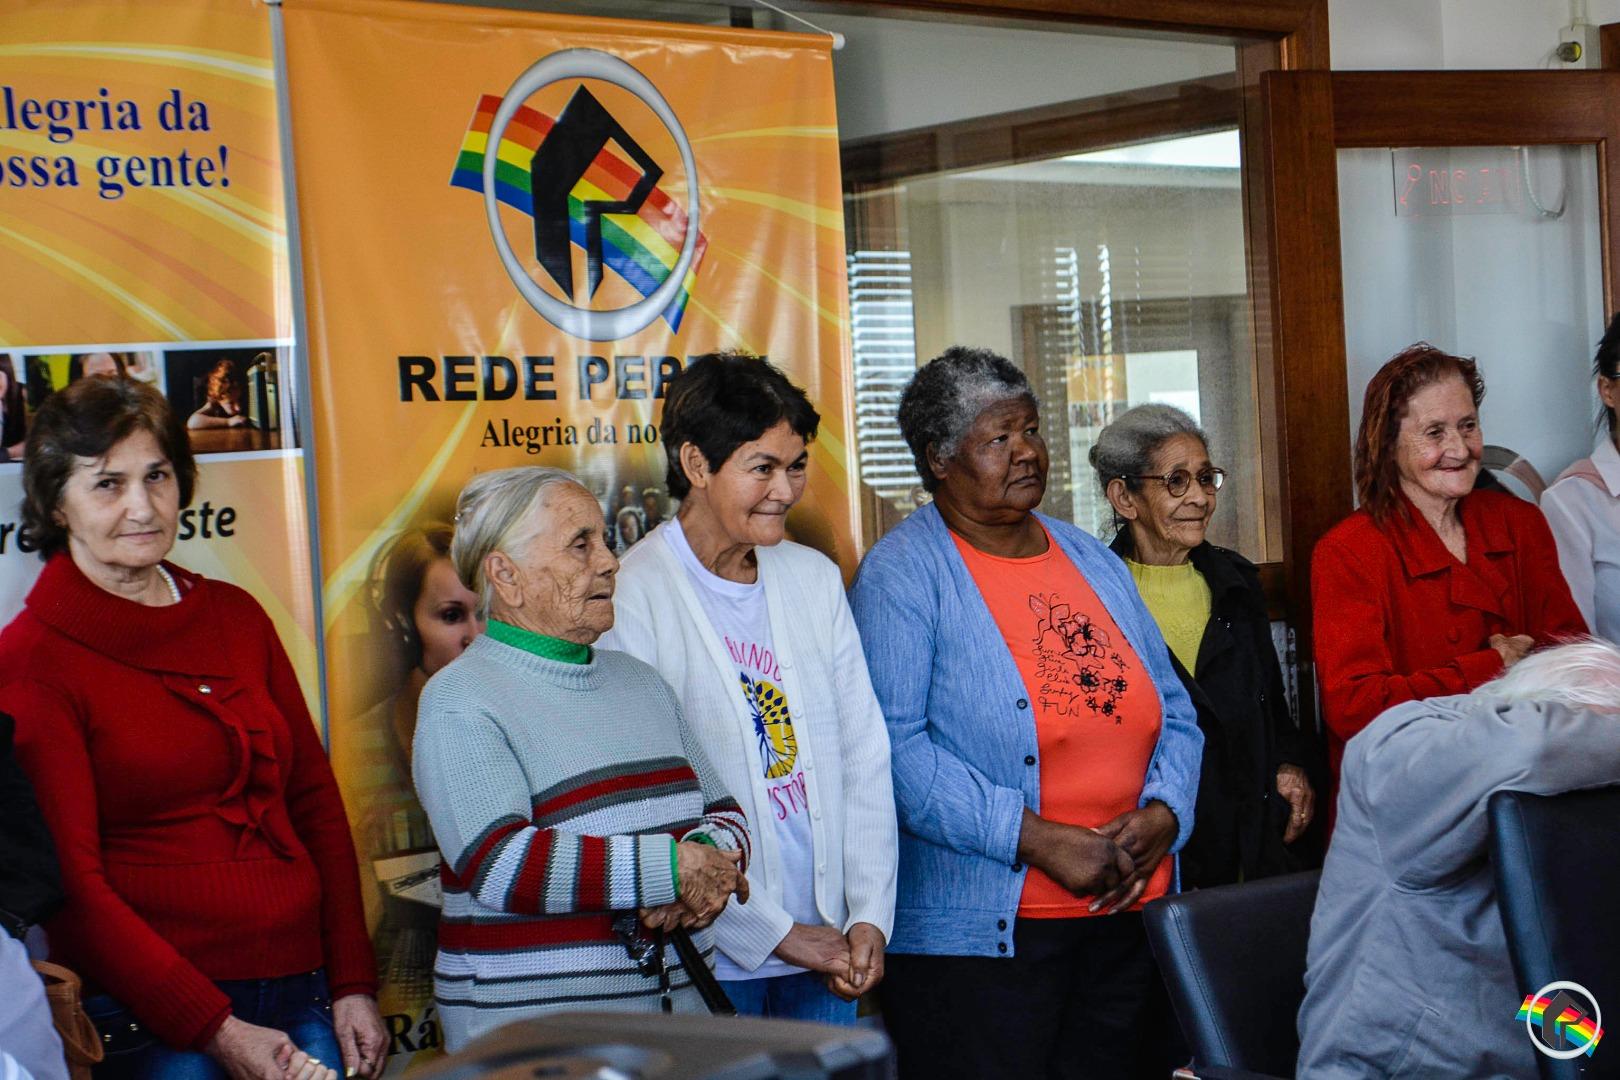 Grupo de Idosos do PAIF visita sede da Rede Peperi